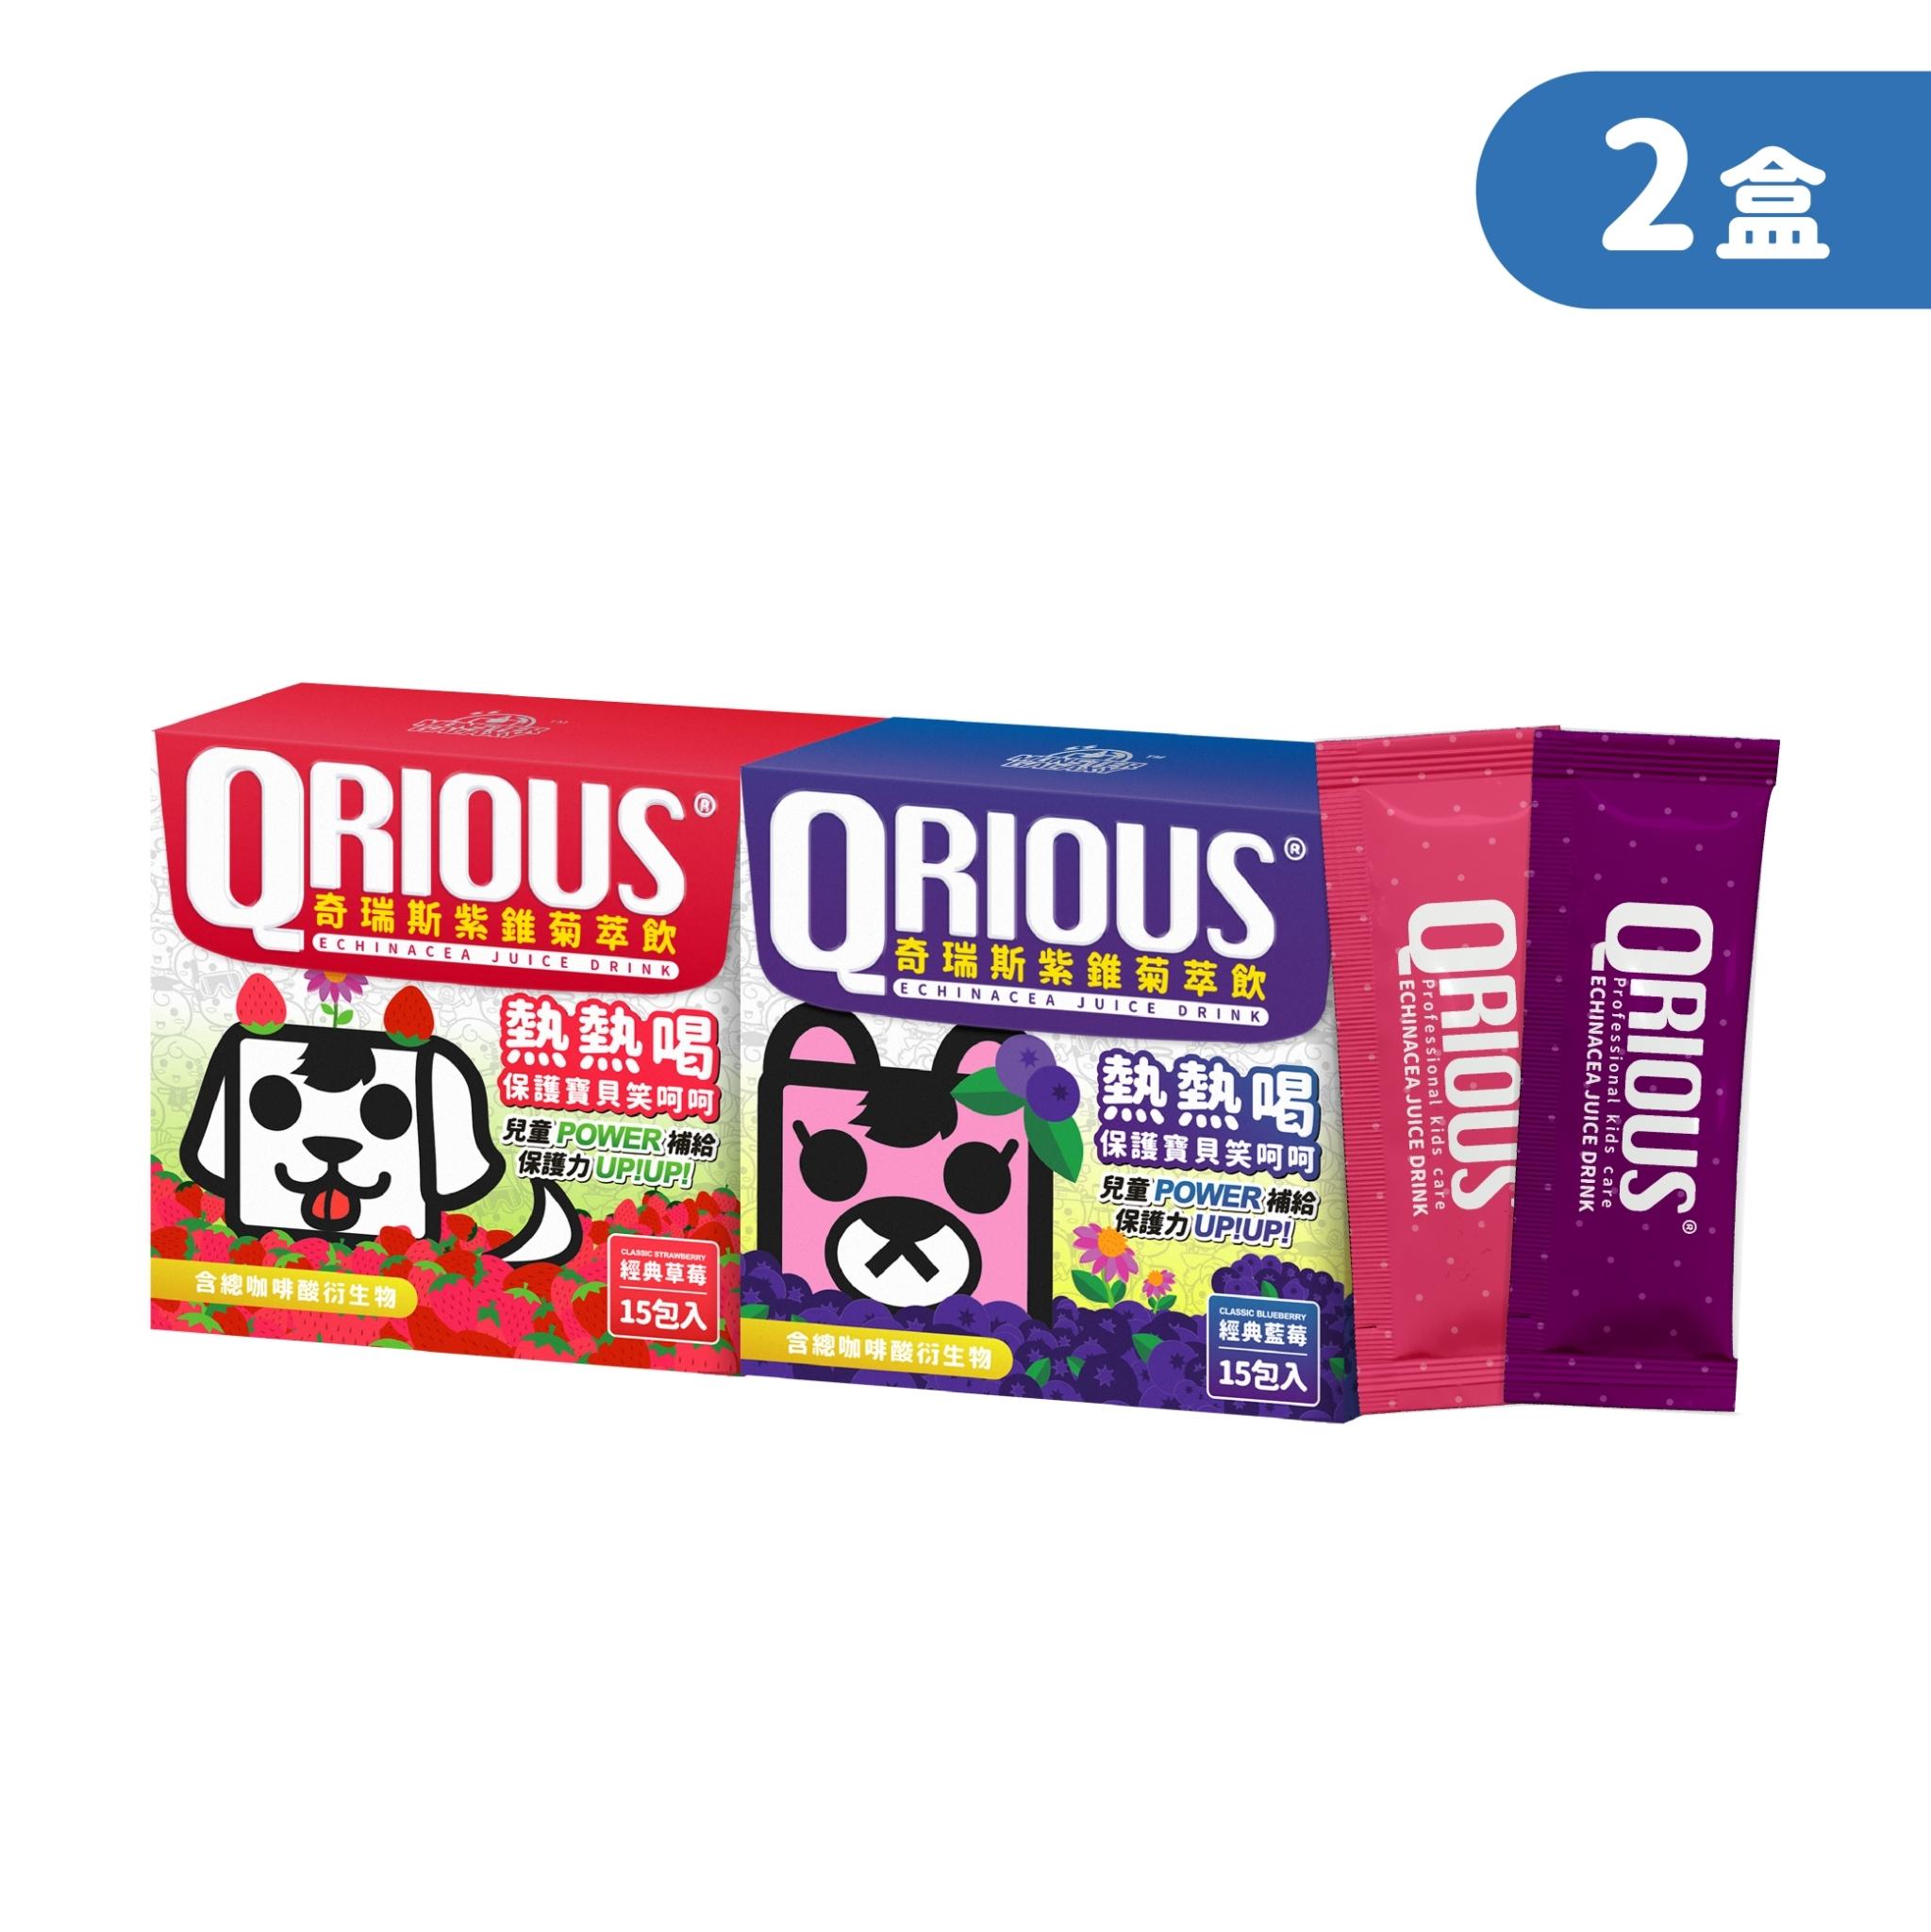 【提升保護力】QRIOUS®奇瑞斯紫錐菊萃飲-草莓+藍莓(2盒)